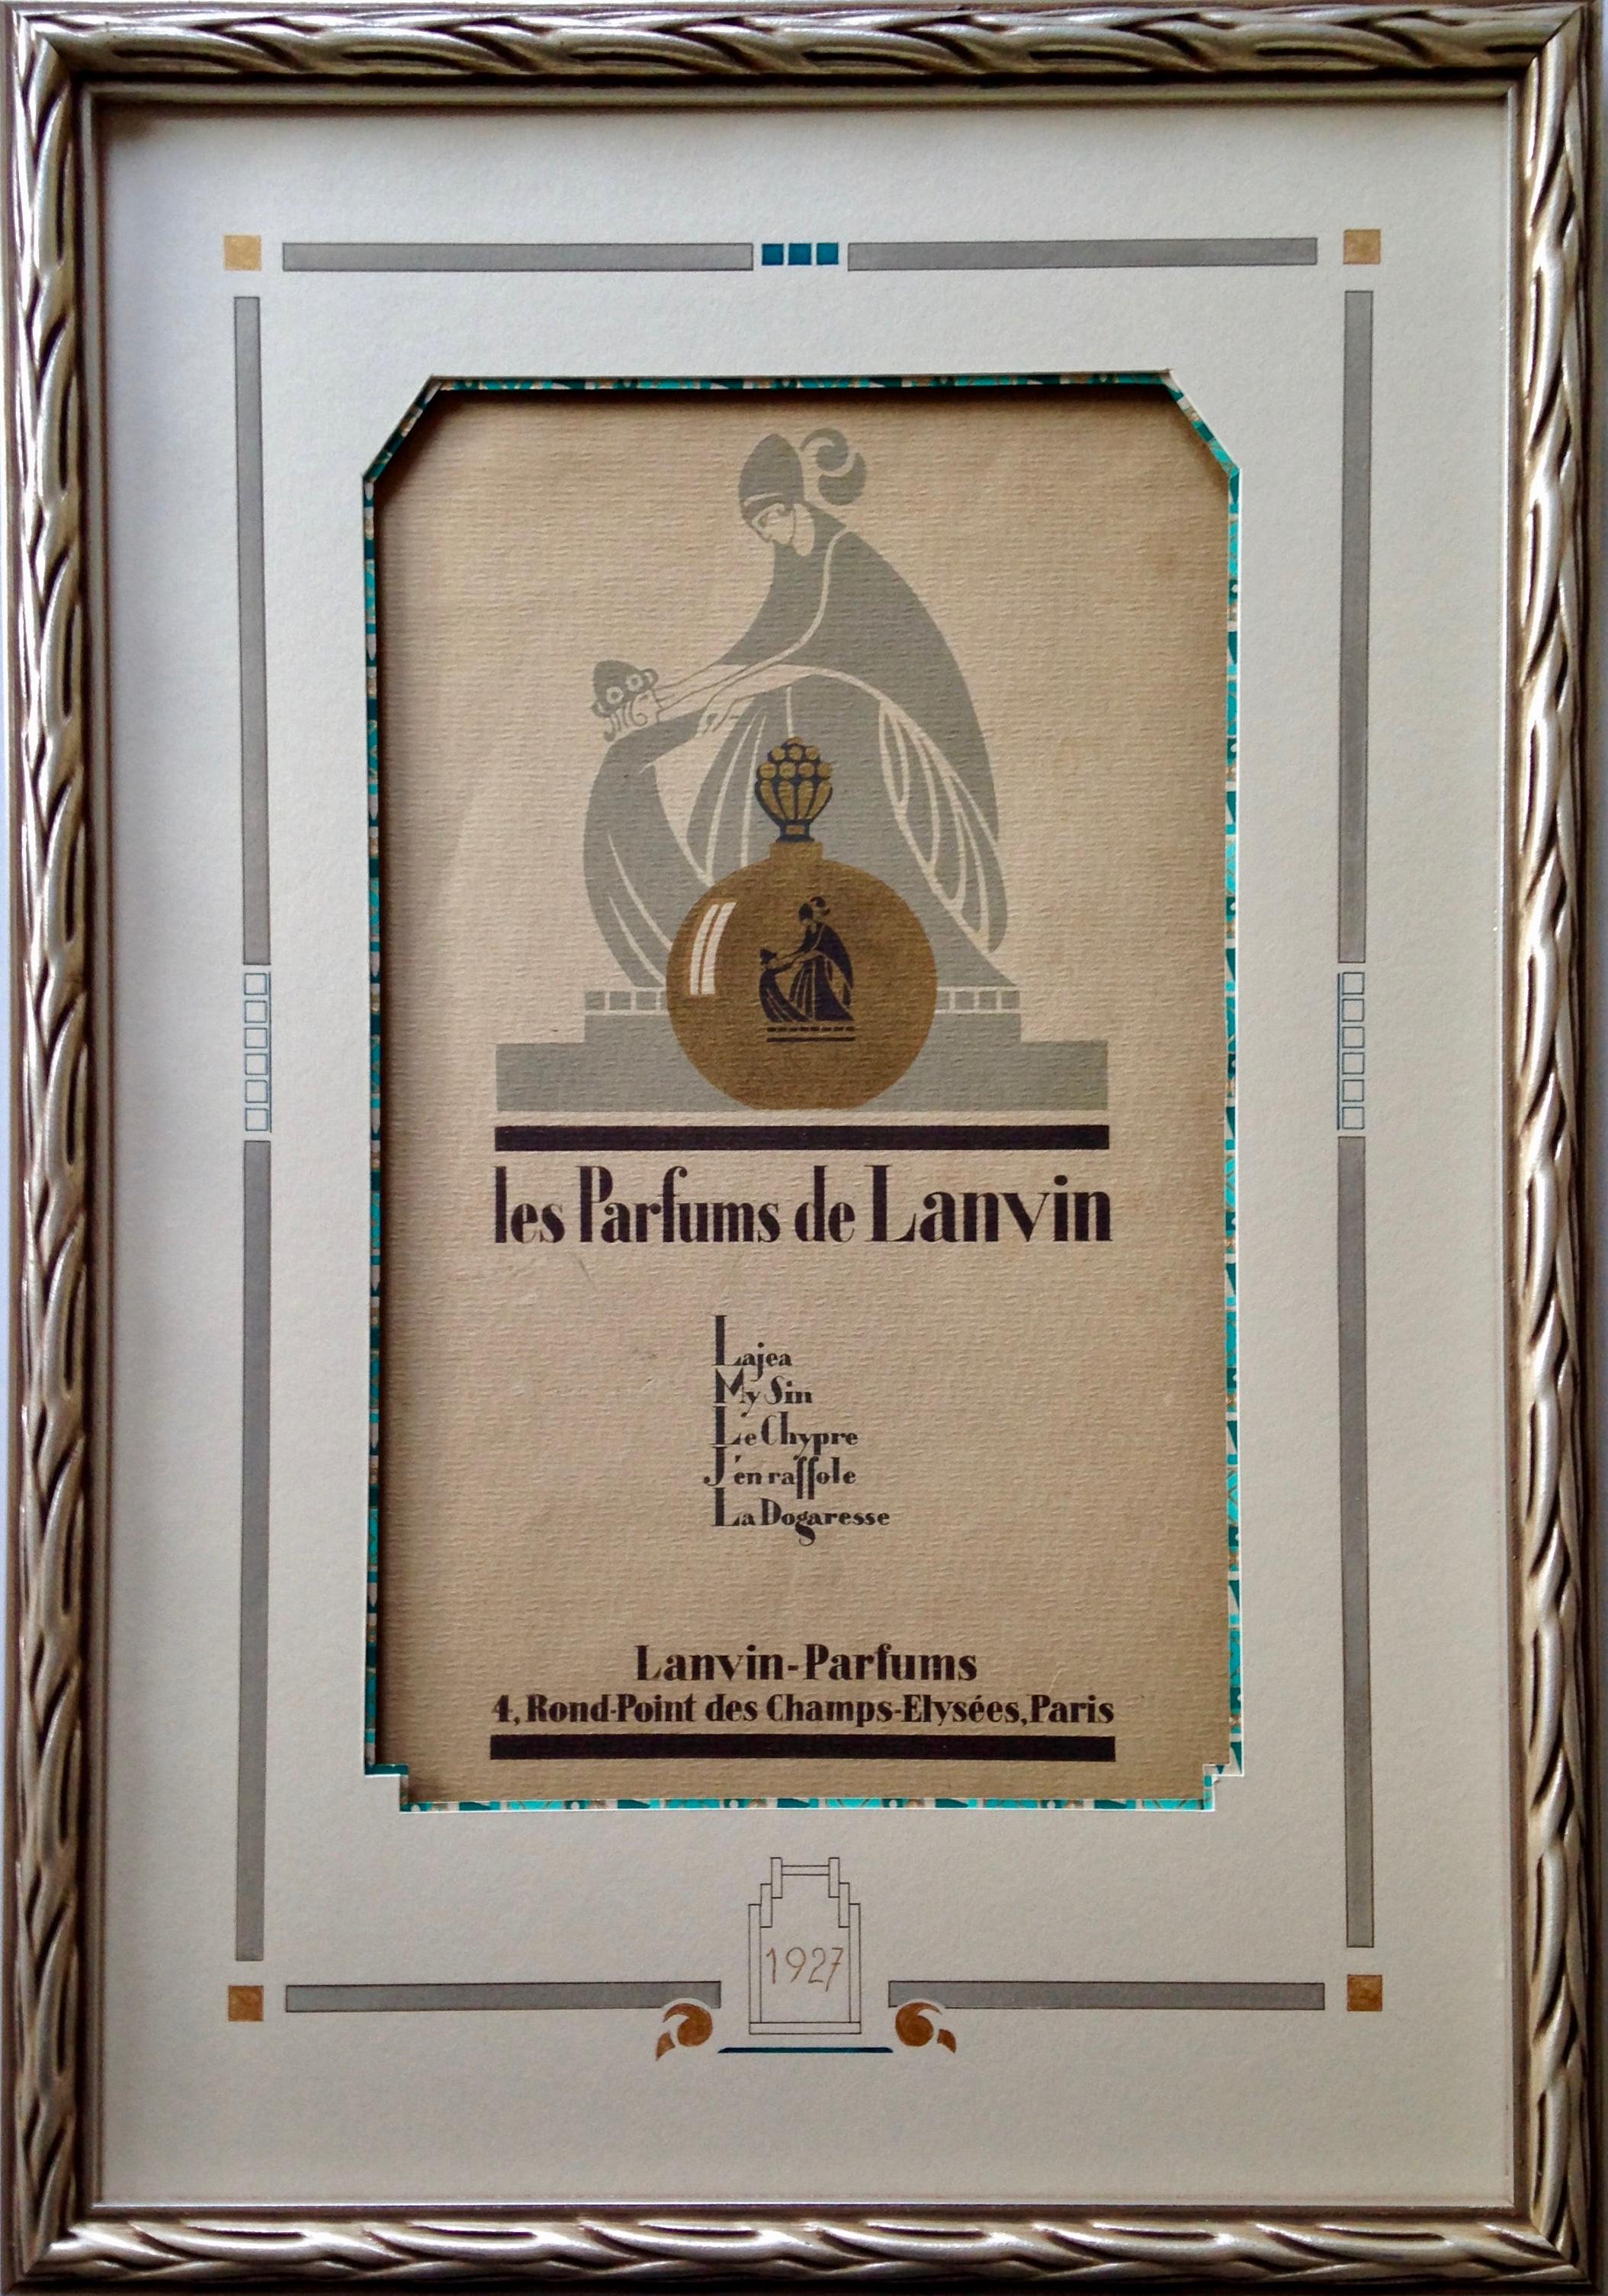 Les parfums de Lanvin